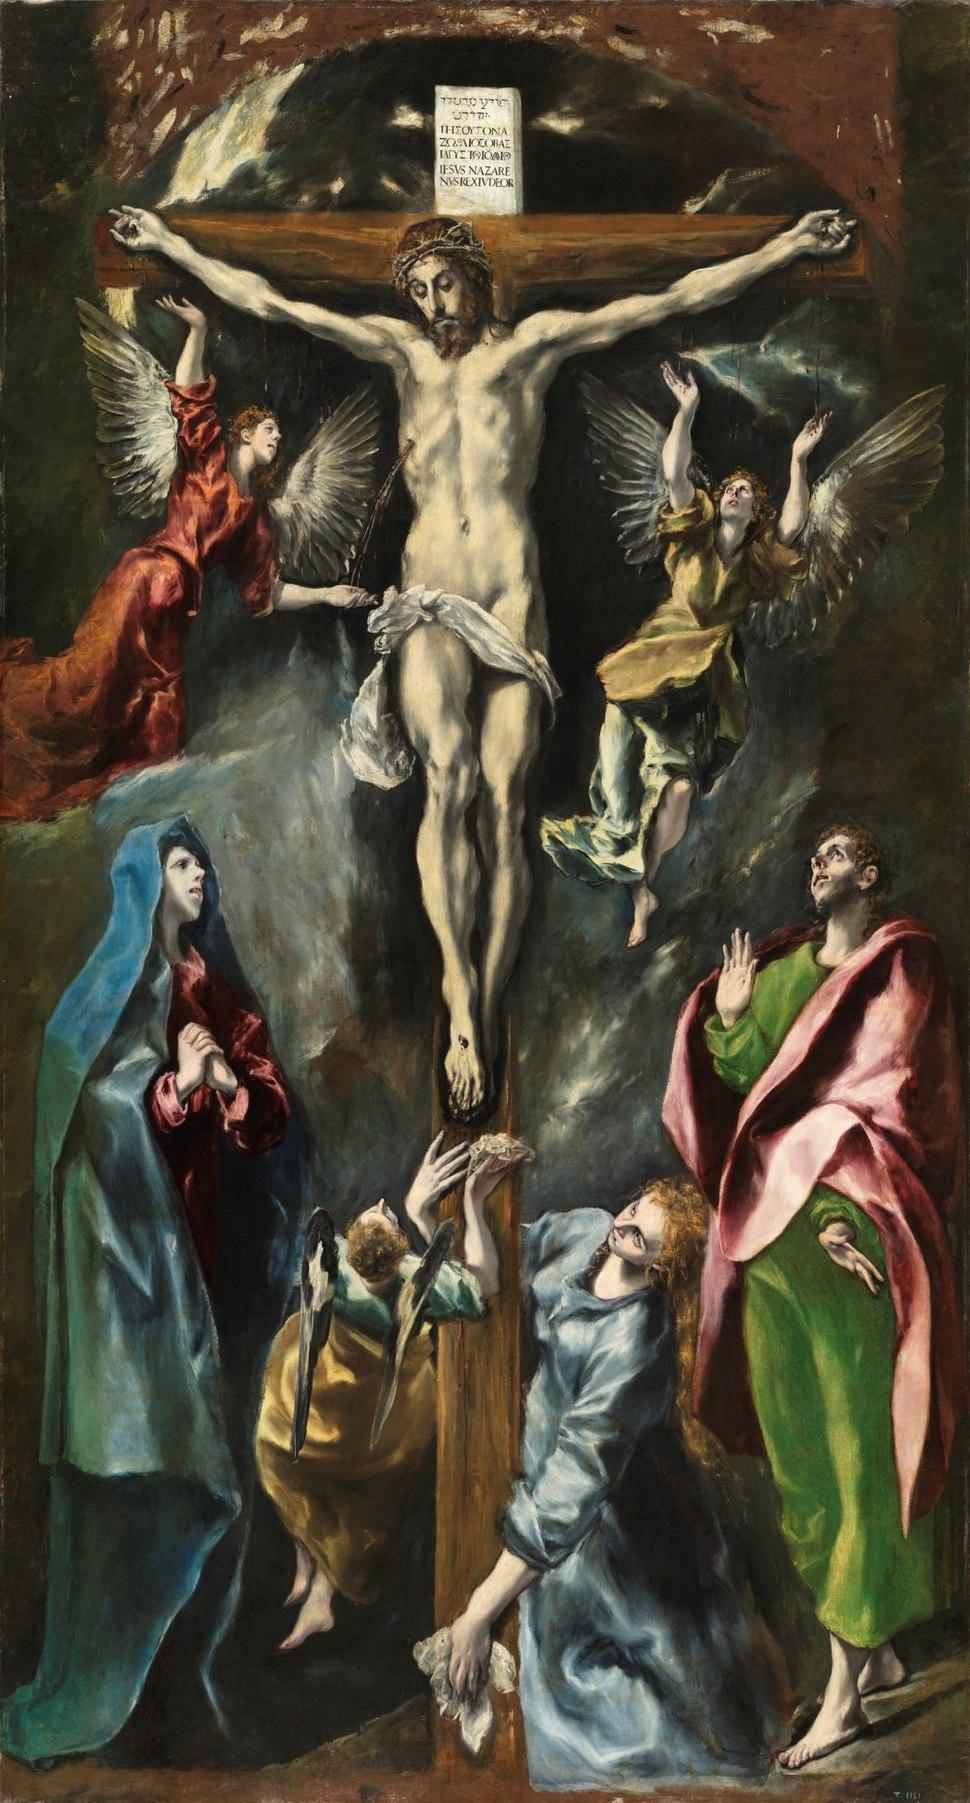 La crucifixión (El Greco, 1597)